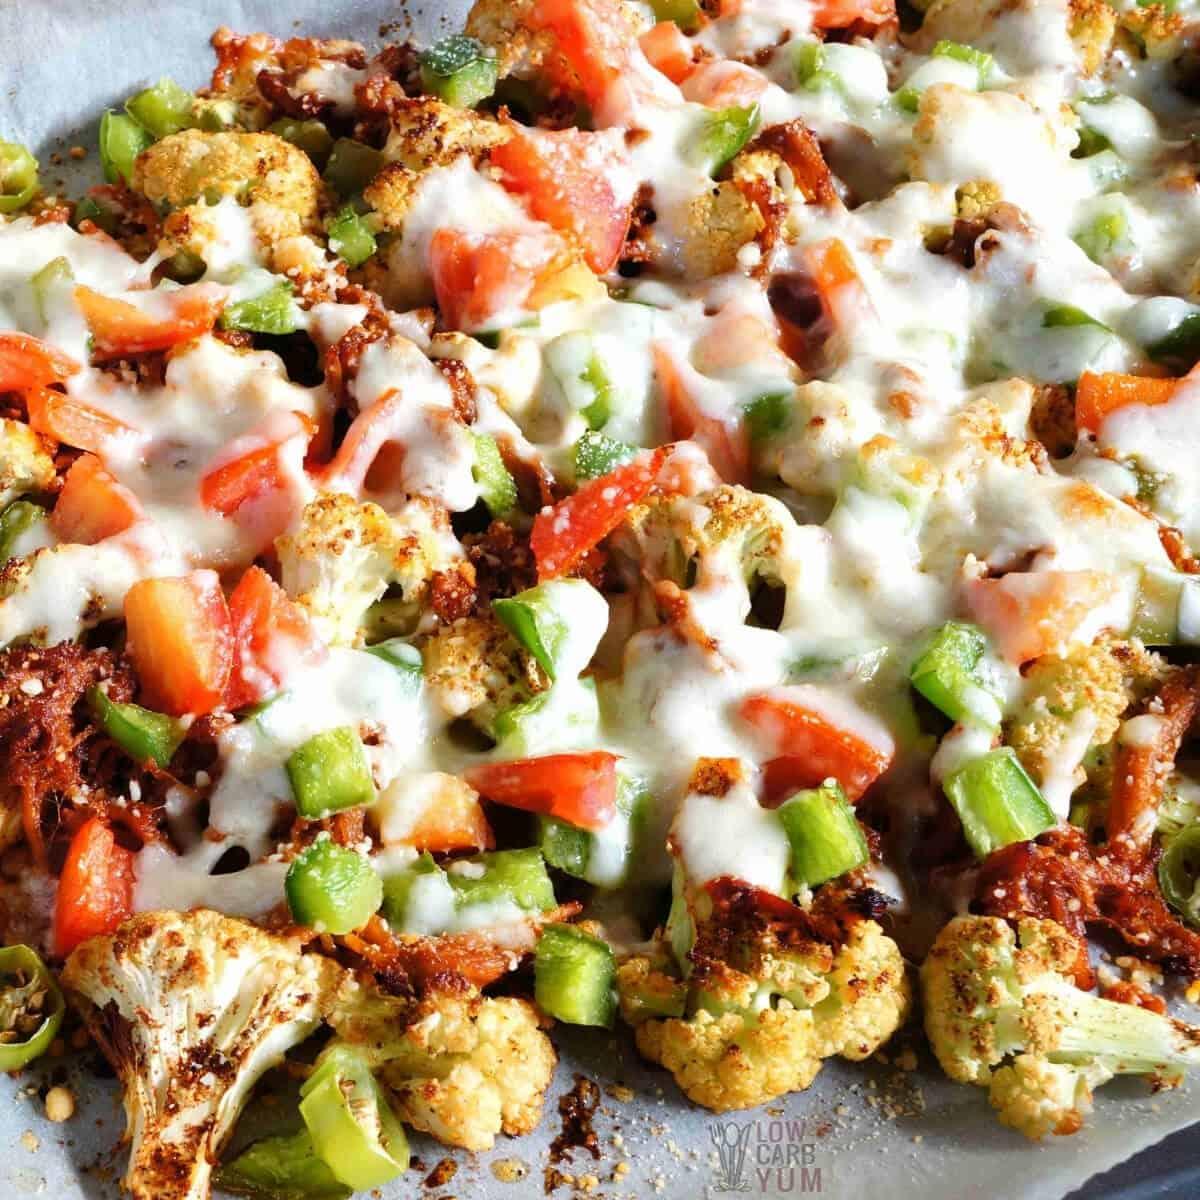 cauliflower pulled pork nachos featured image